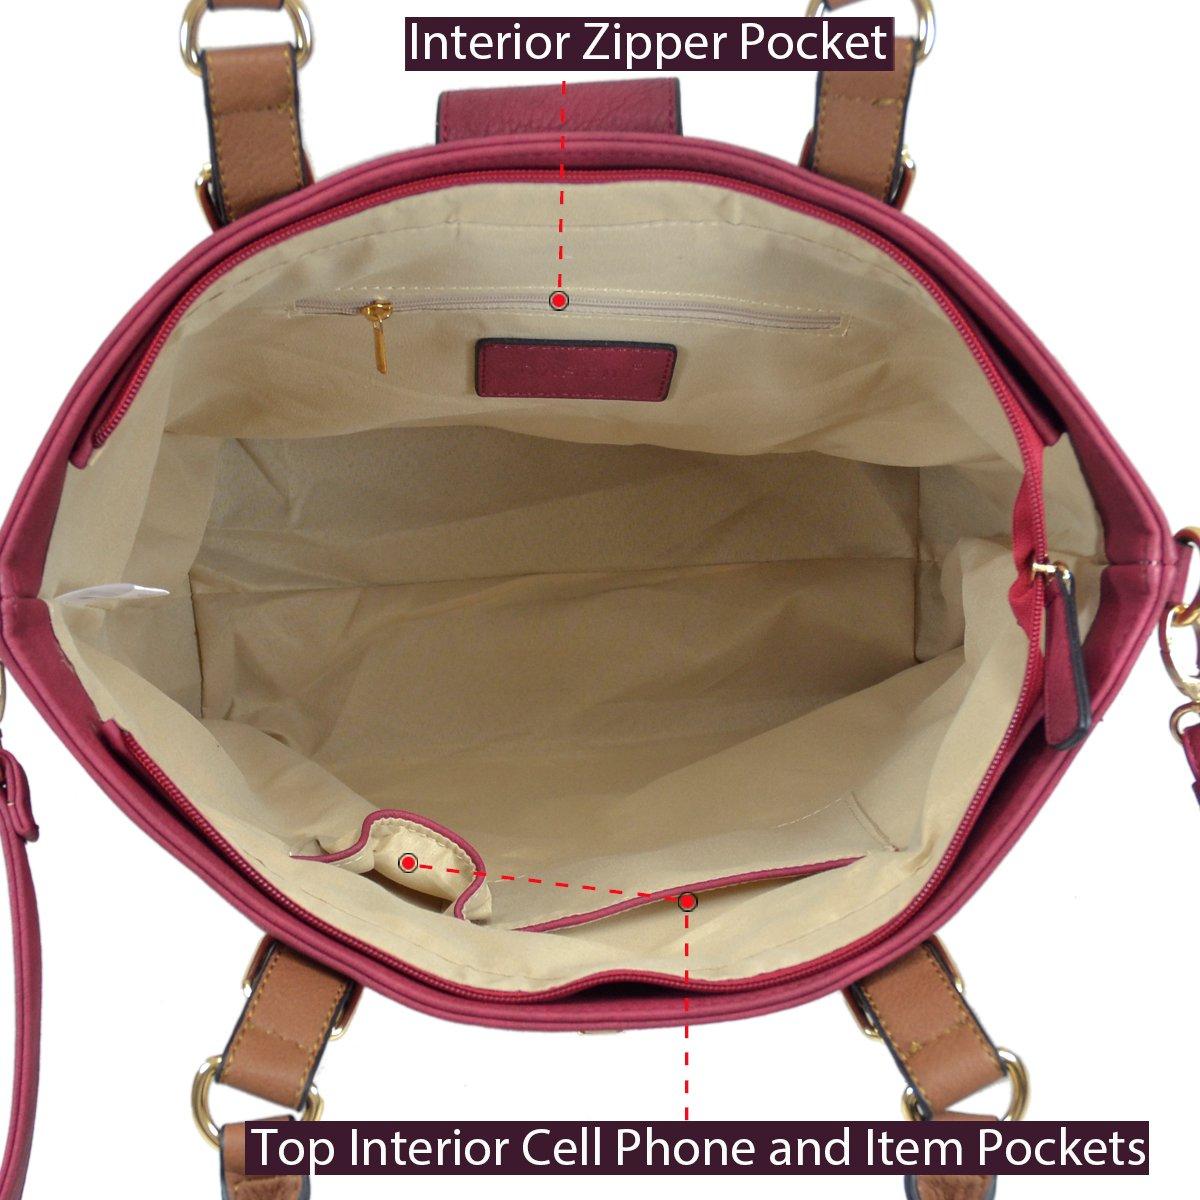 MMK collection Fashion handbag~Classic Tote bag~Holiday gift purse with Wallet~Beautiful Handbag wallet set~Crossbody handbag (MA-07-6717-BK/CF) by Marco M. Kelly (Image #6)